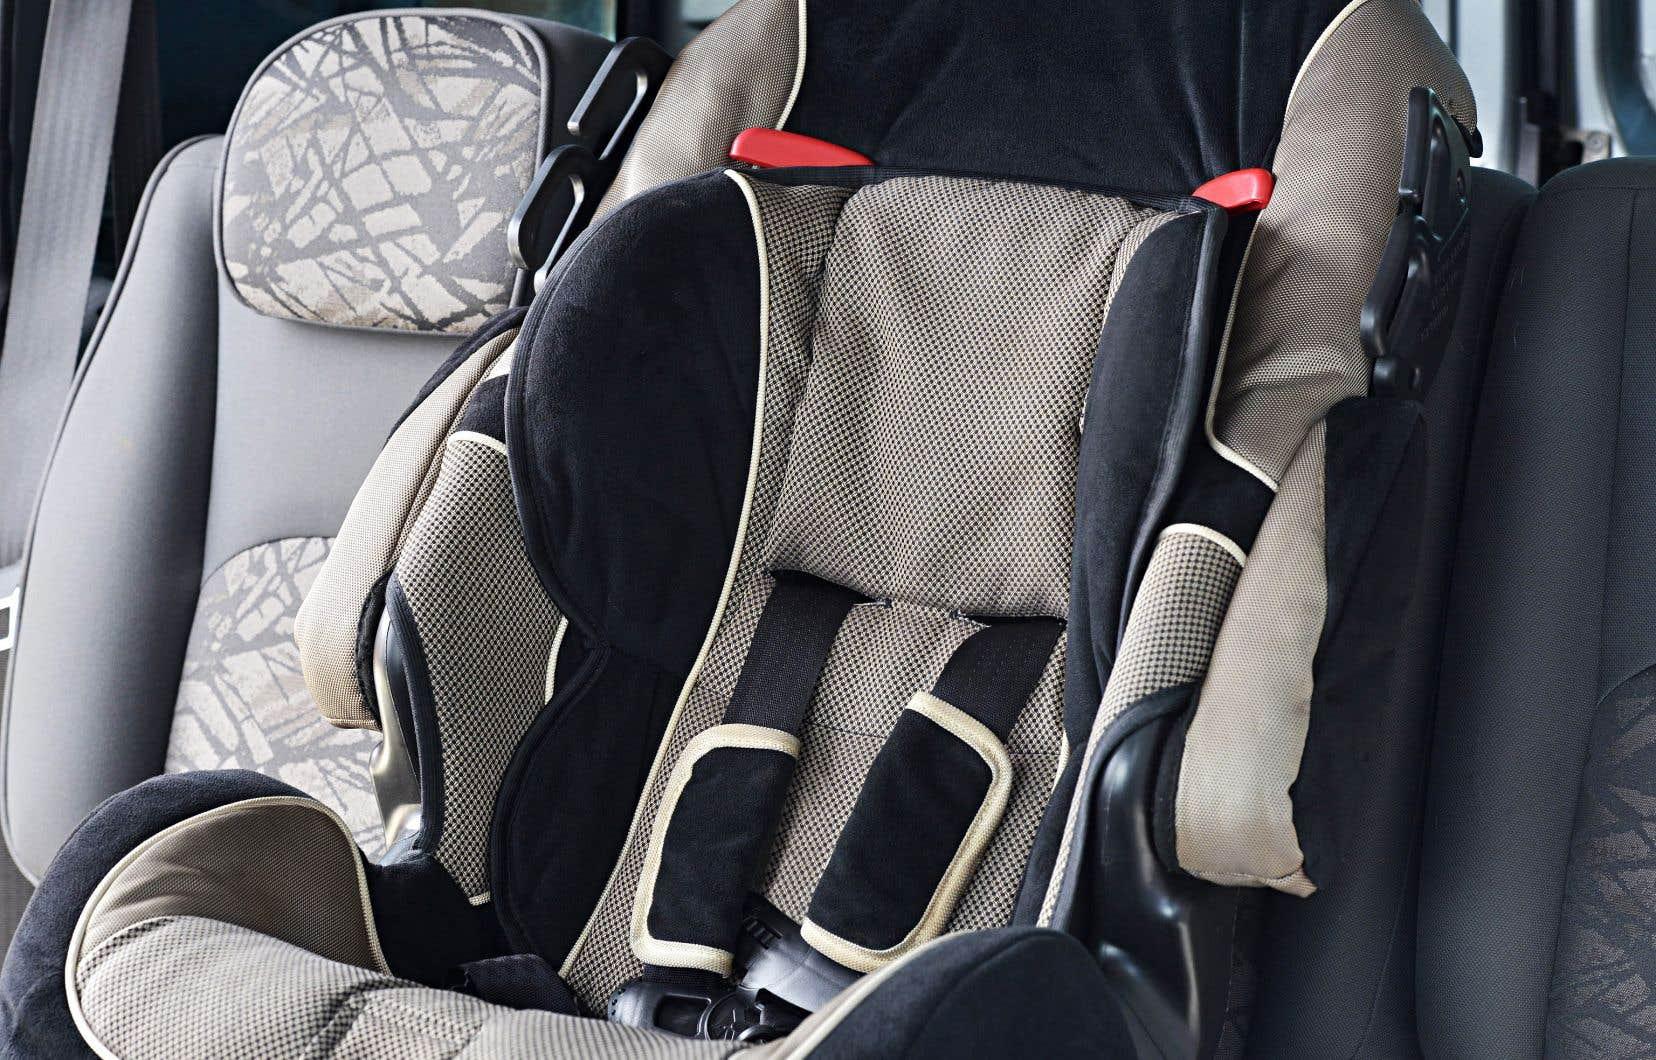 Les personnes qui aperçoivent un enfant seul dans un véhicule chaud doivent appeler immédiatement le 9-1-1, même si l'enfant semble aller bien.